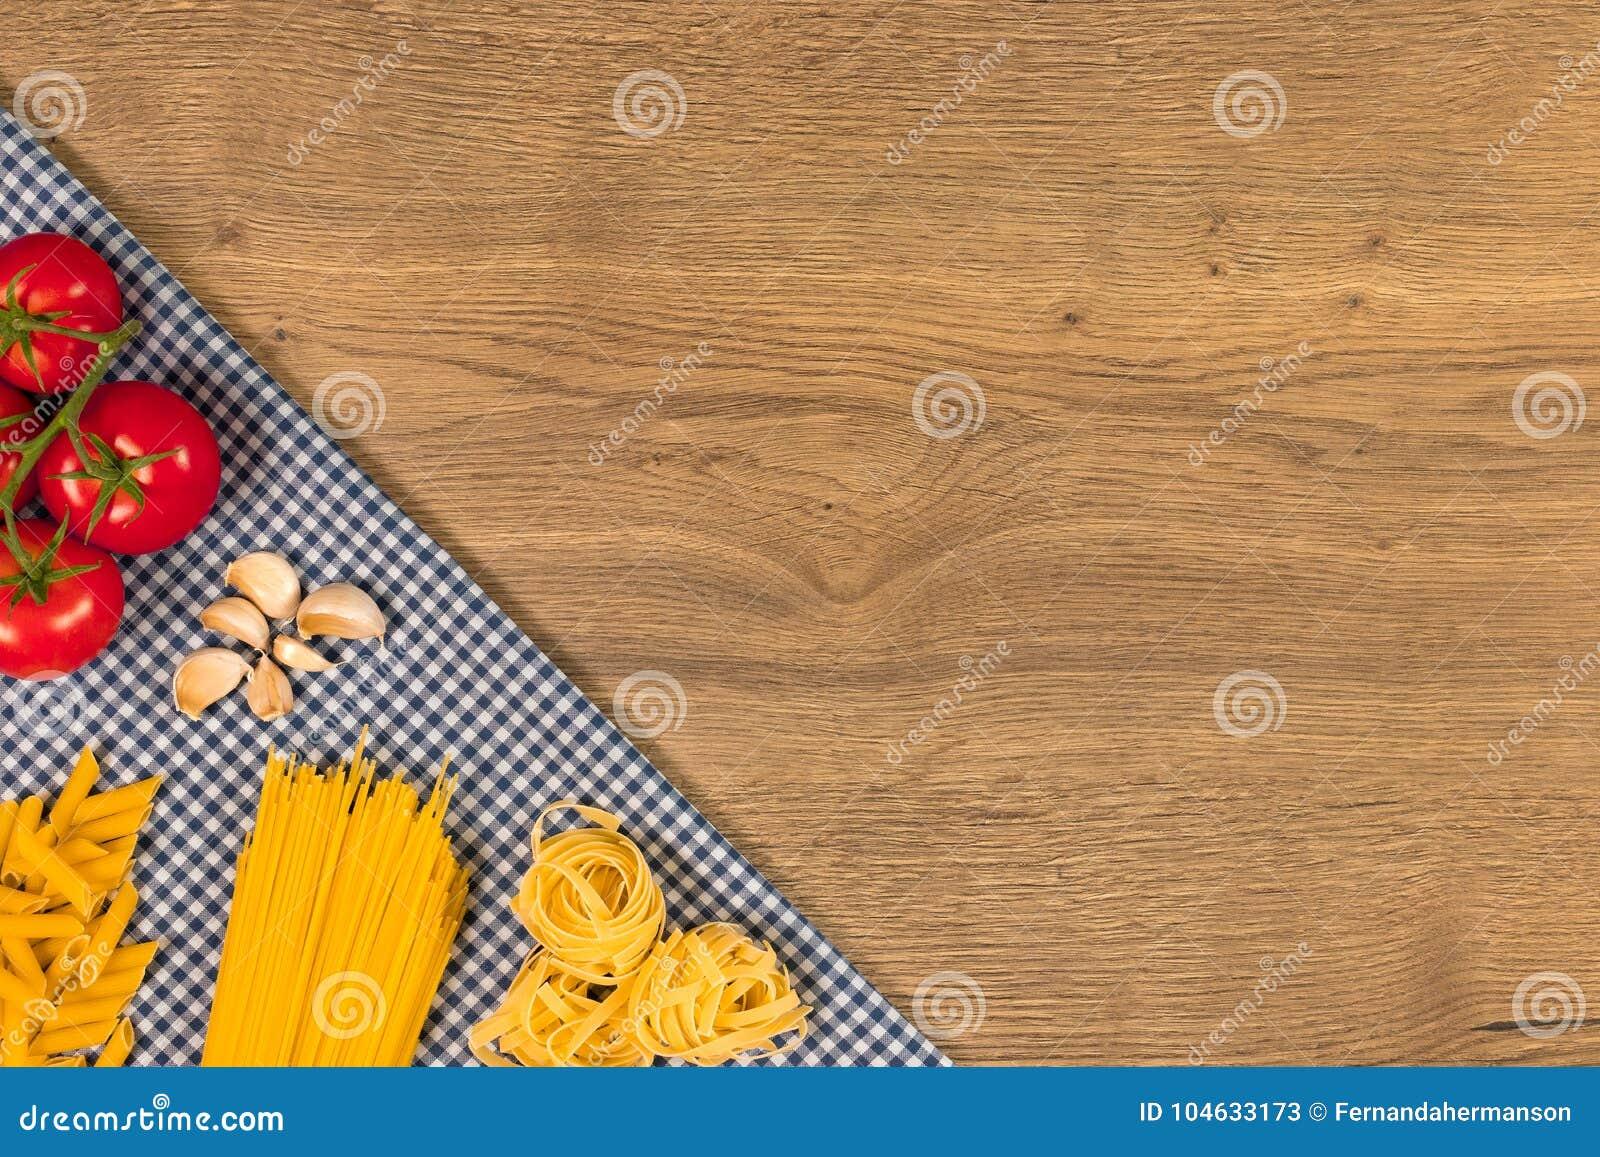 Download Italiaans Voedsel En Ruwe Ingrediënten Op Houten Achtergrond Hoogste Mening Stock Afbeelding - Afbeelding bestaande uit doek, knoflook: 104633173